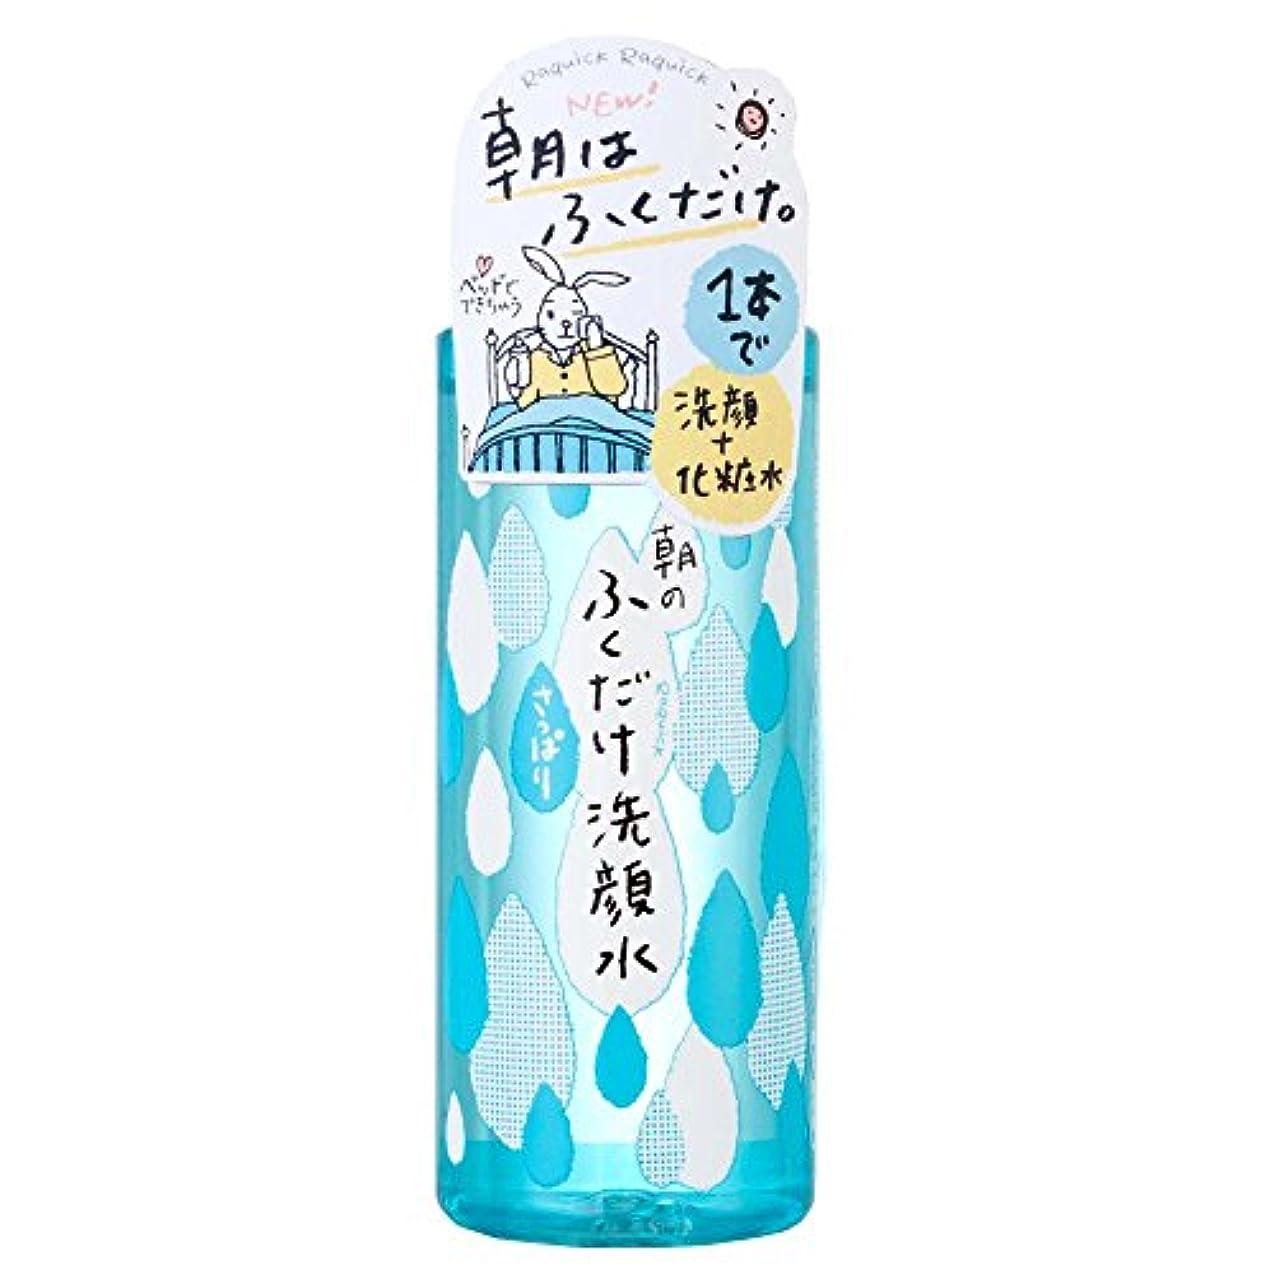 邪魔する多数の細分化するラクイック 朝のふくだけ洗顔水 さっぱり 310mL